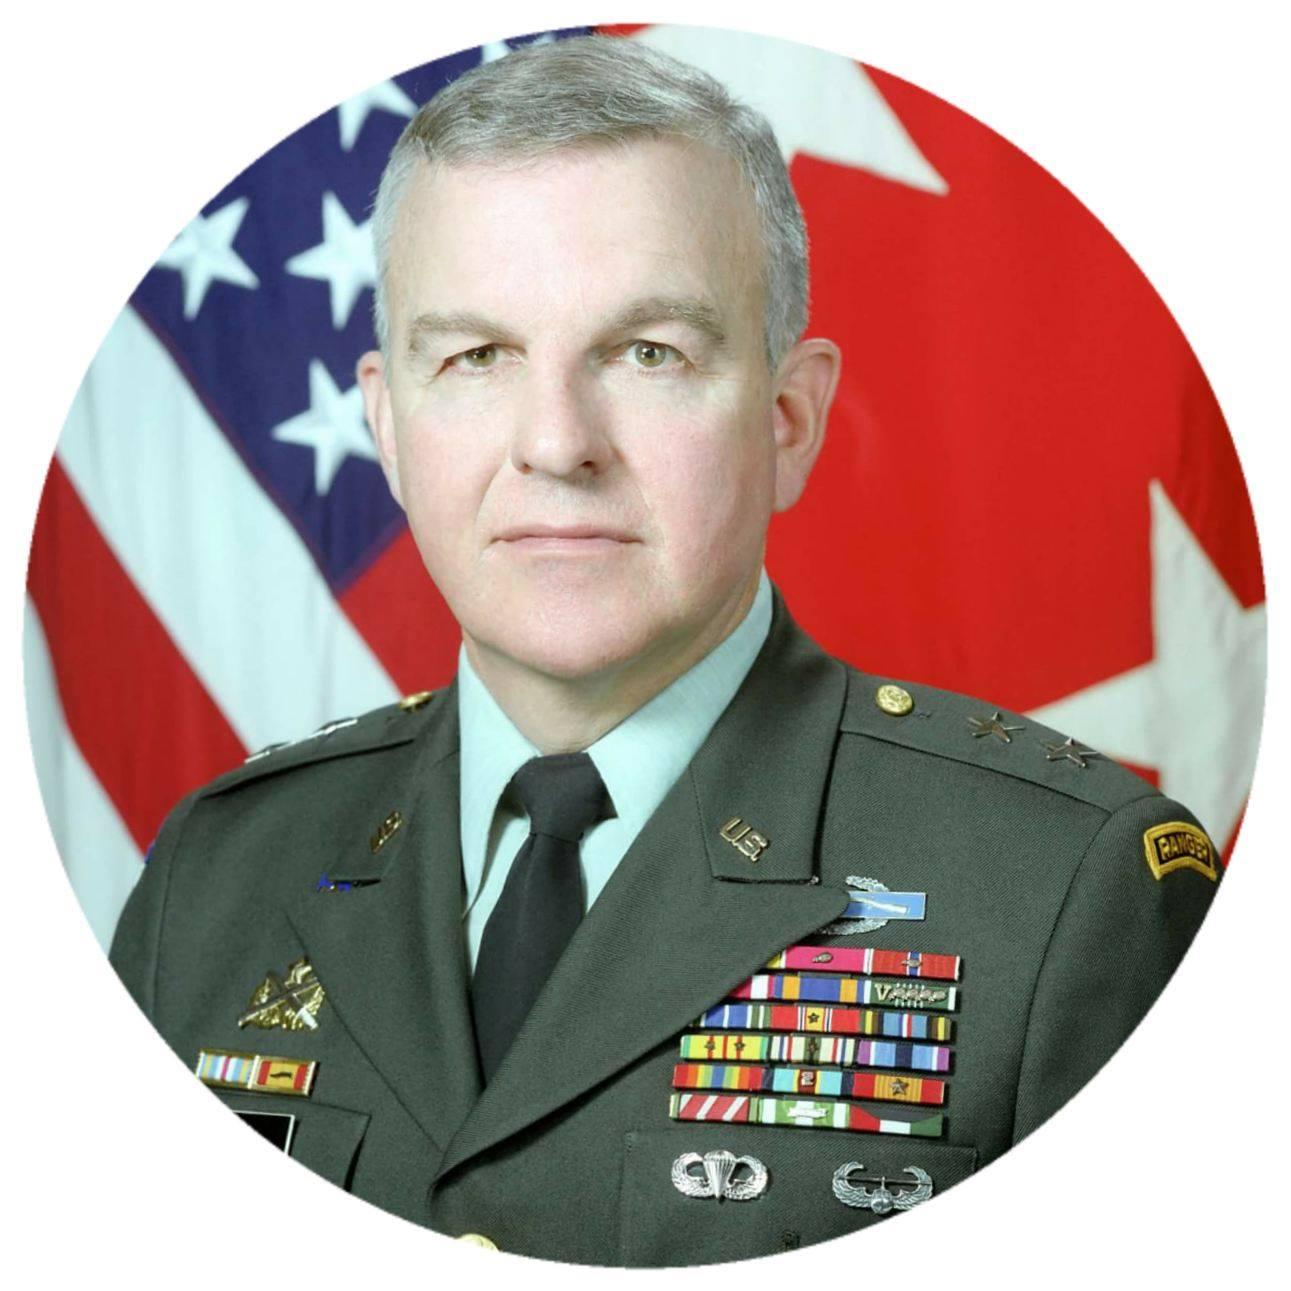 Maj. Gen. Greg Gile